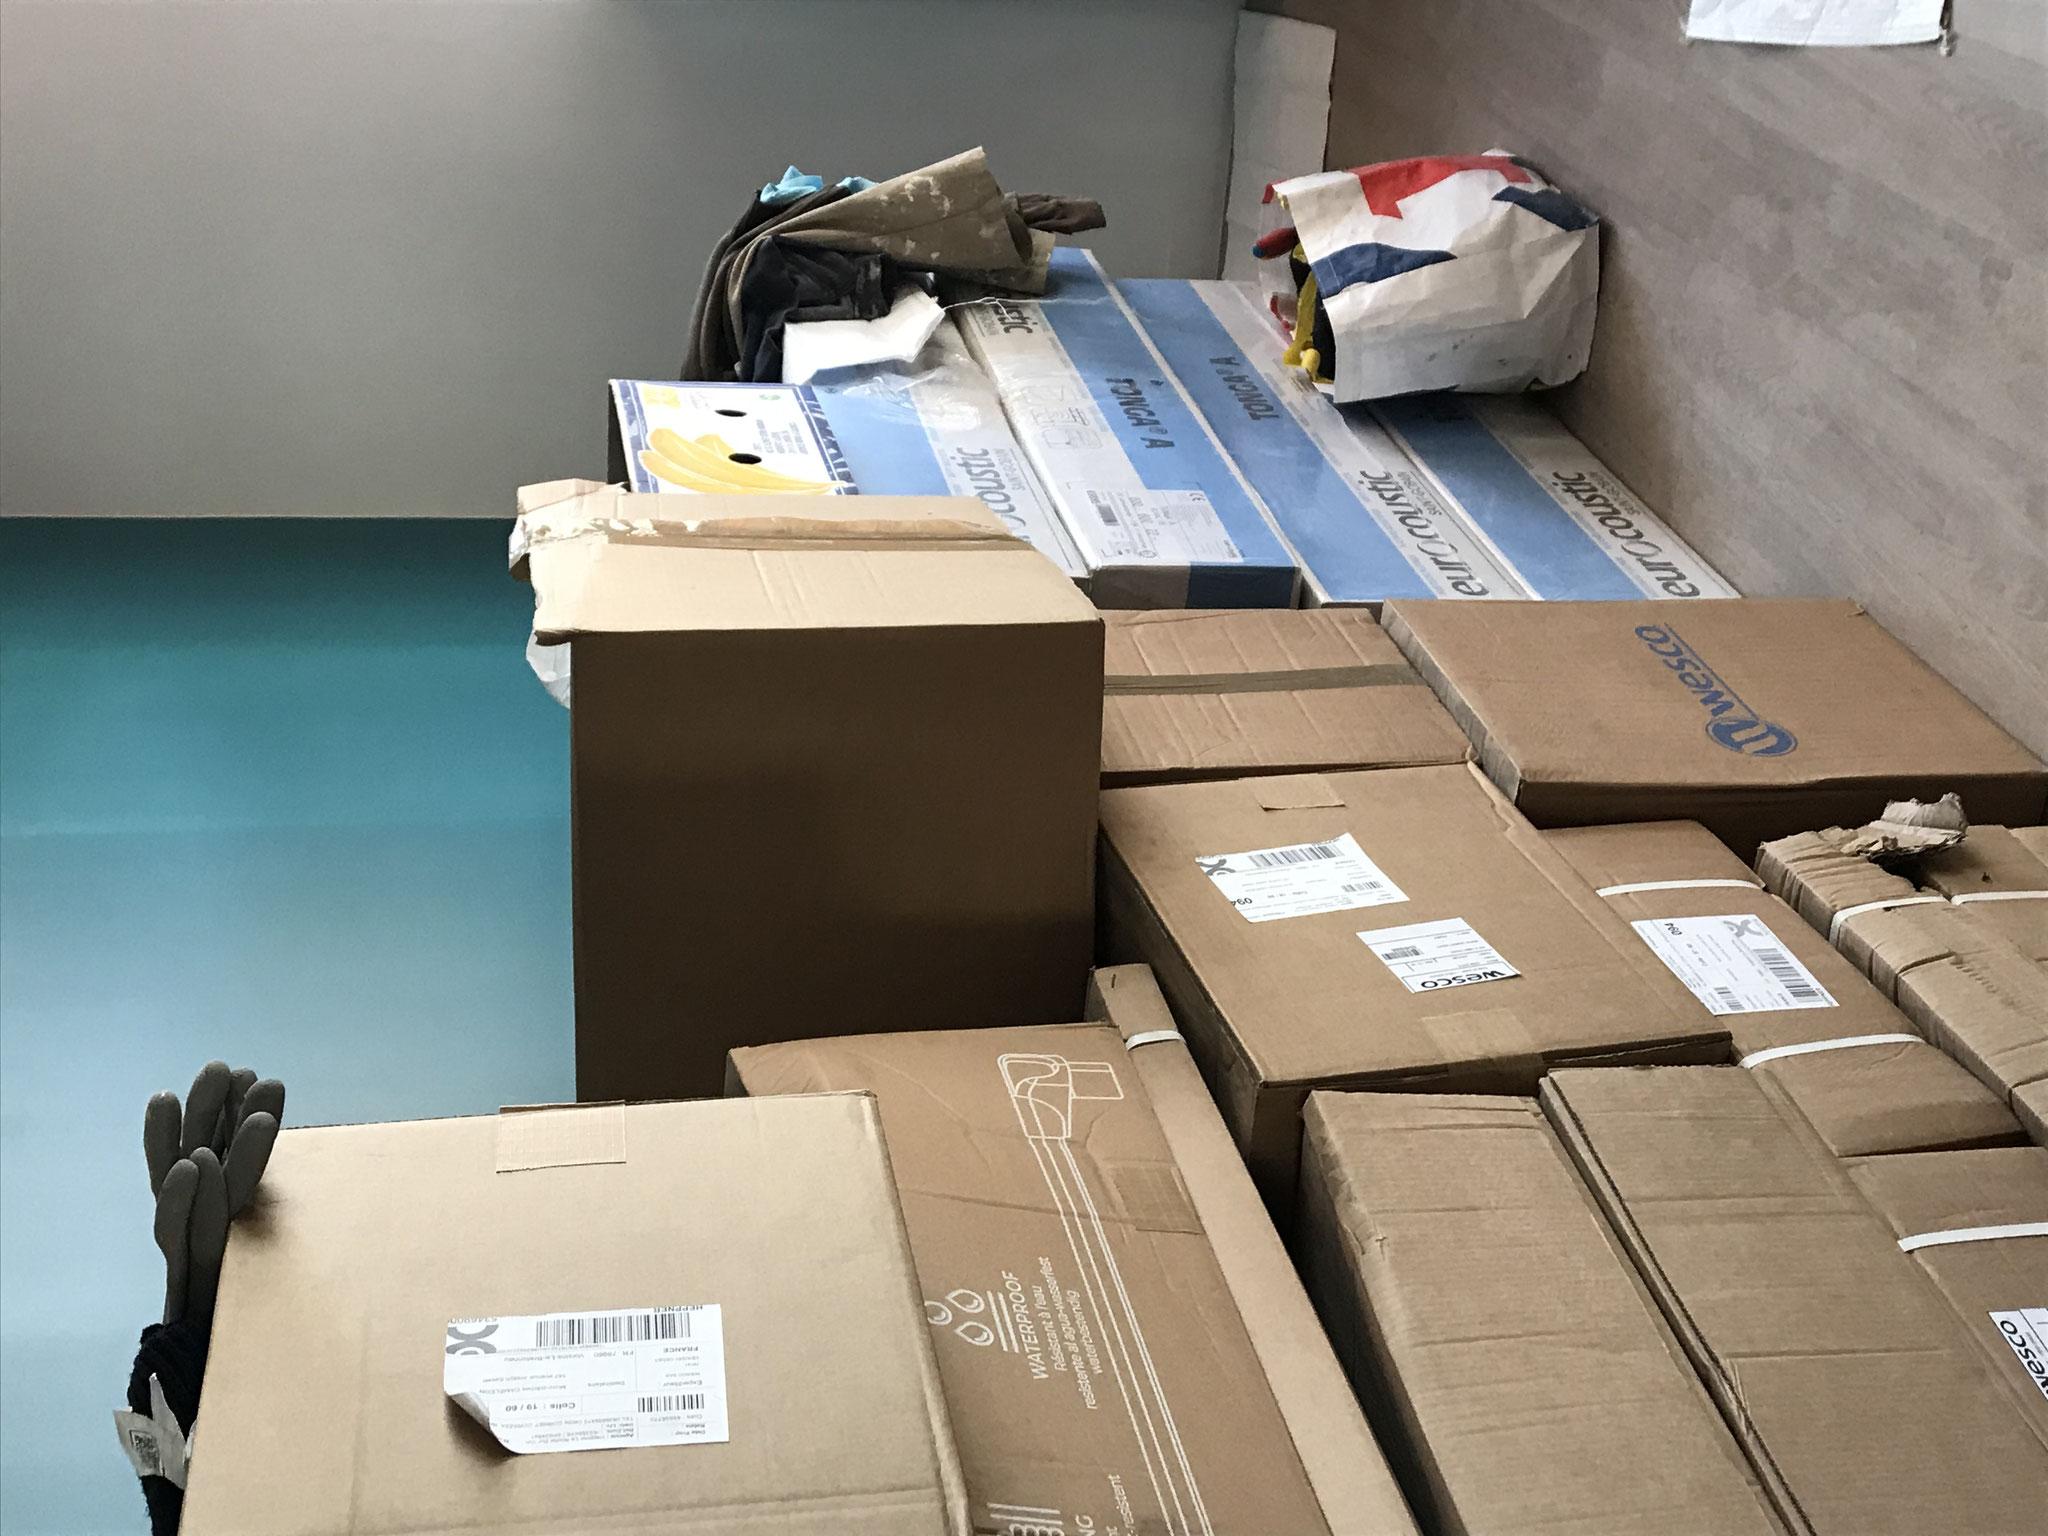 Le 12 février : des piles et des piles de cartons